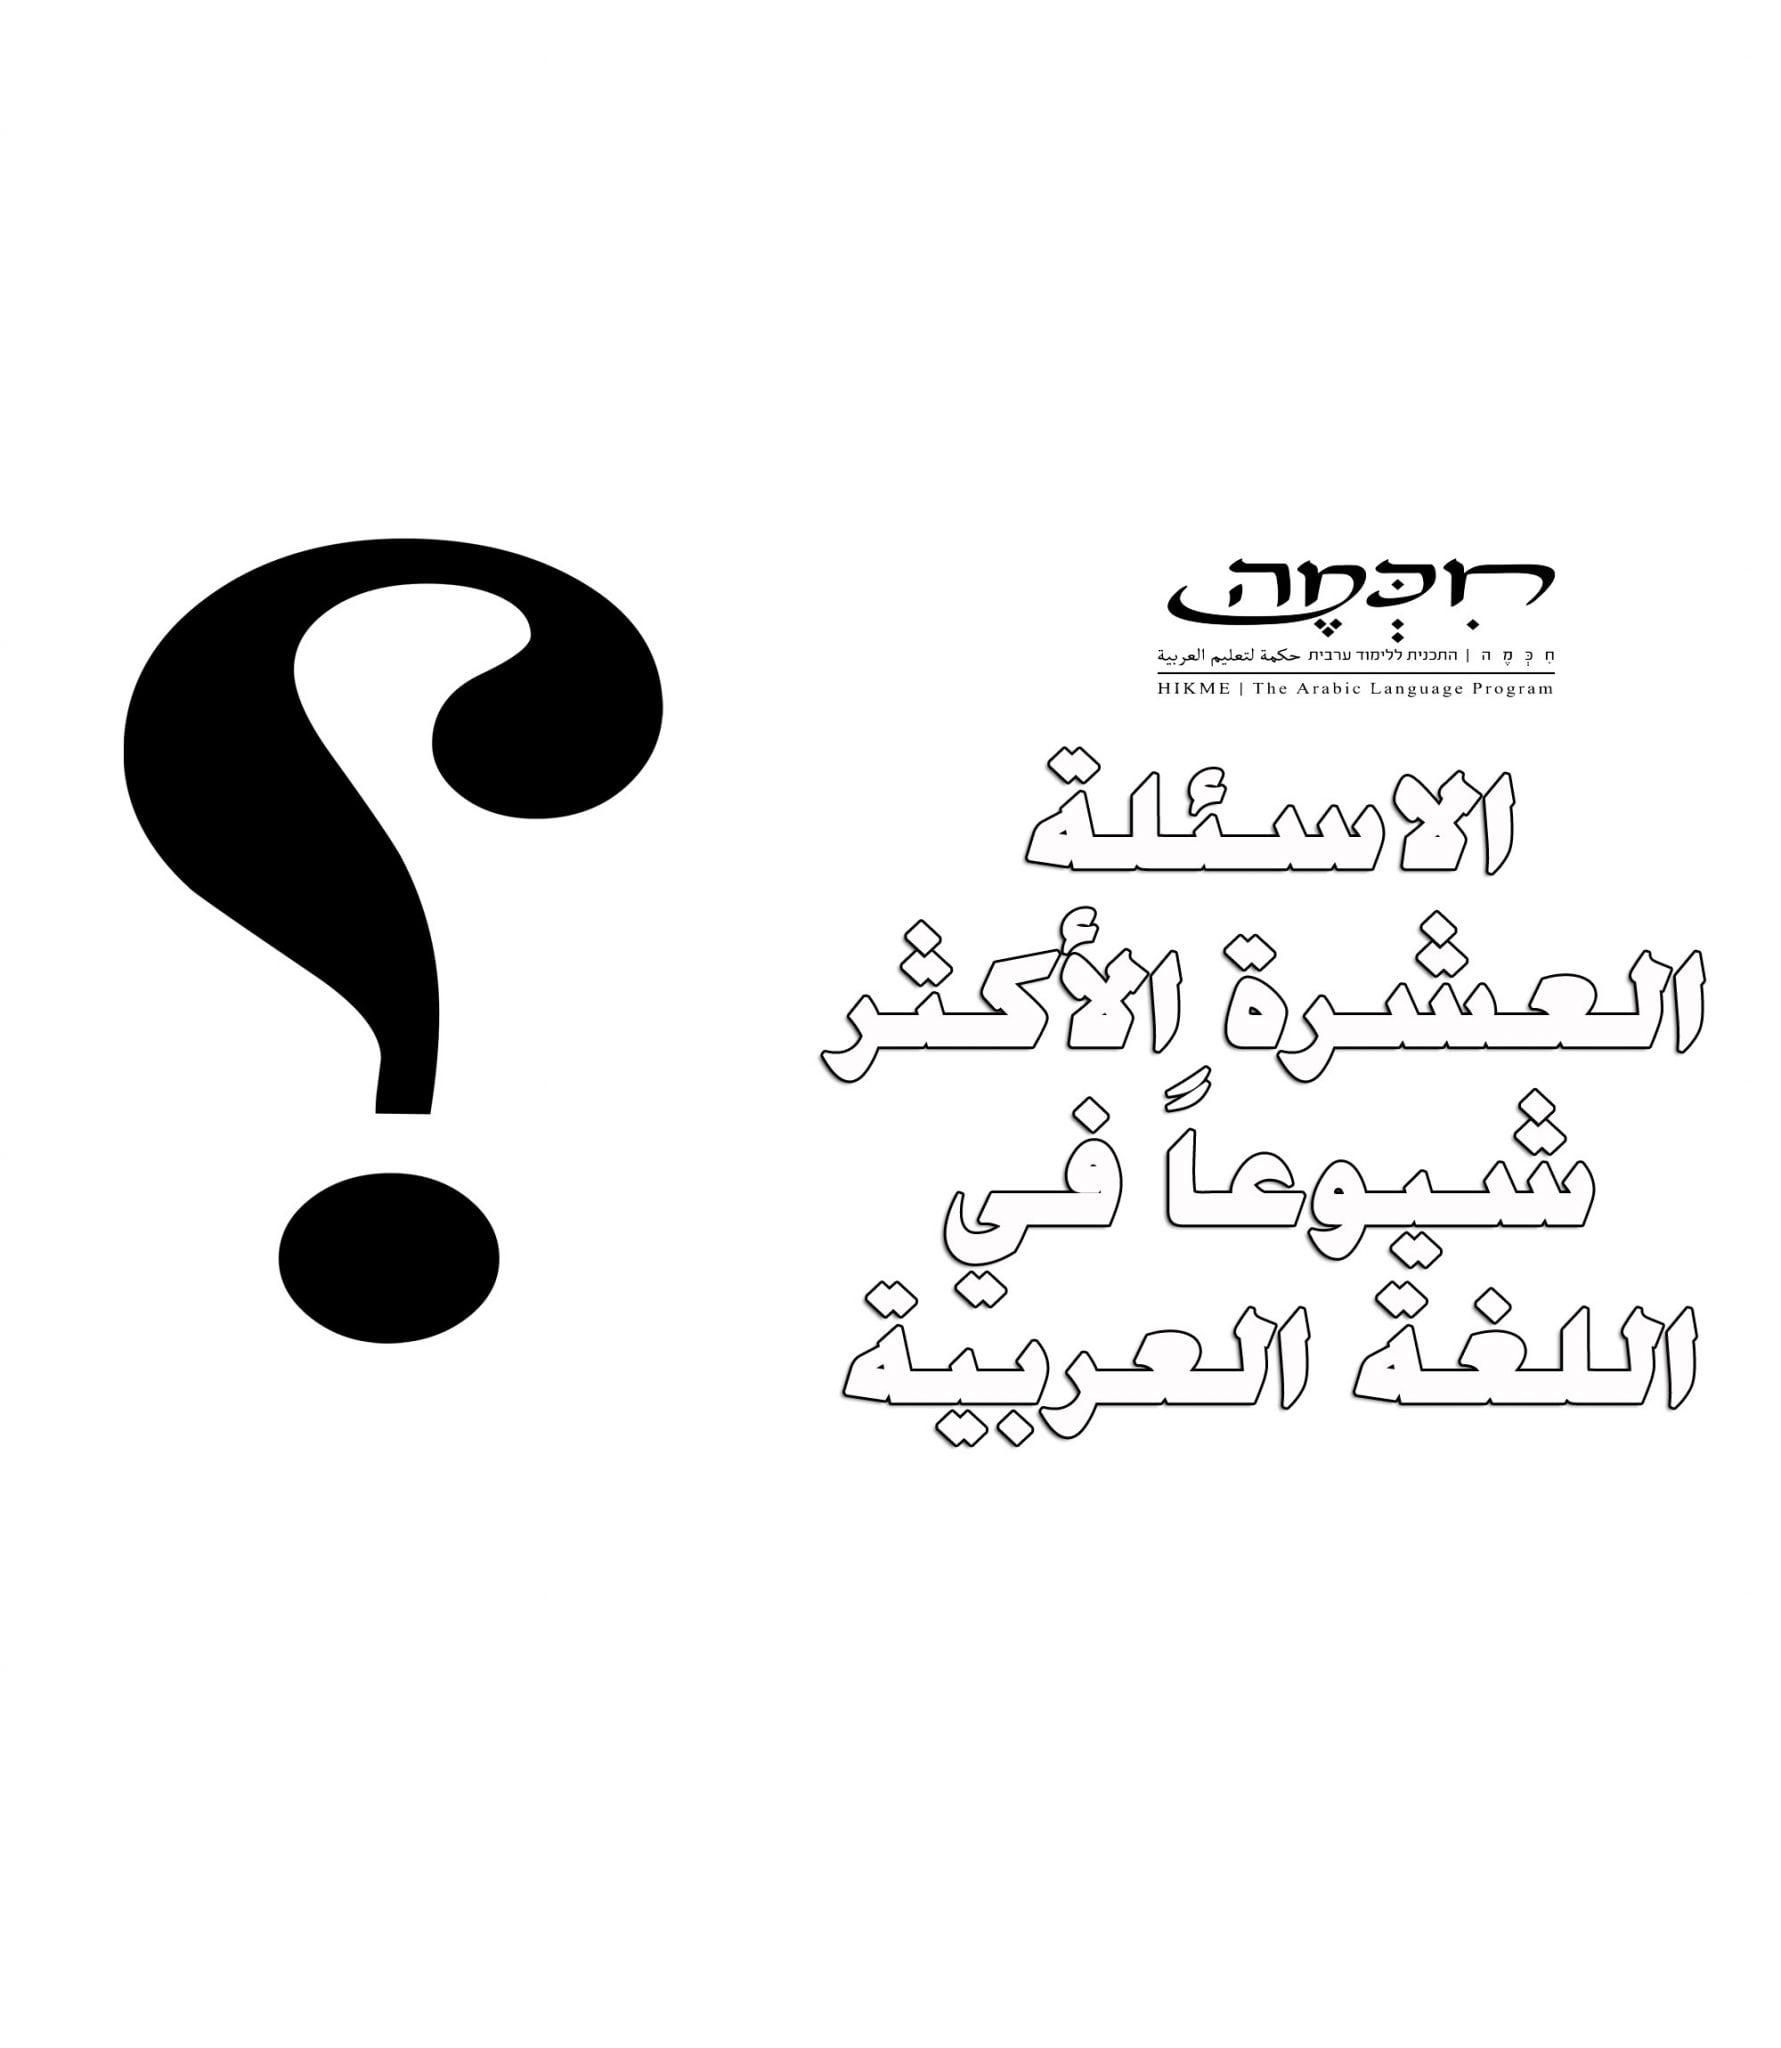 10 השאלות הנפוצות בערבית מדוברת